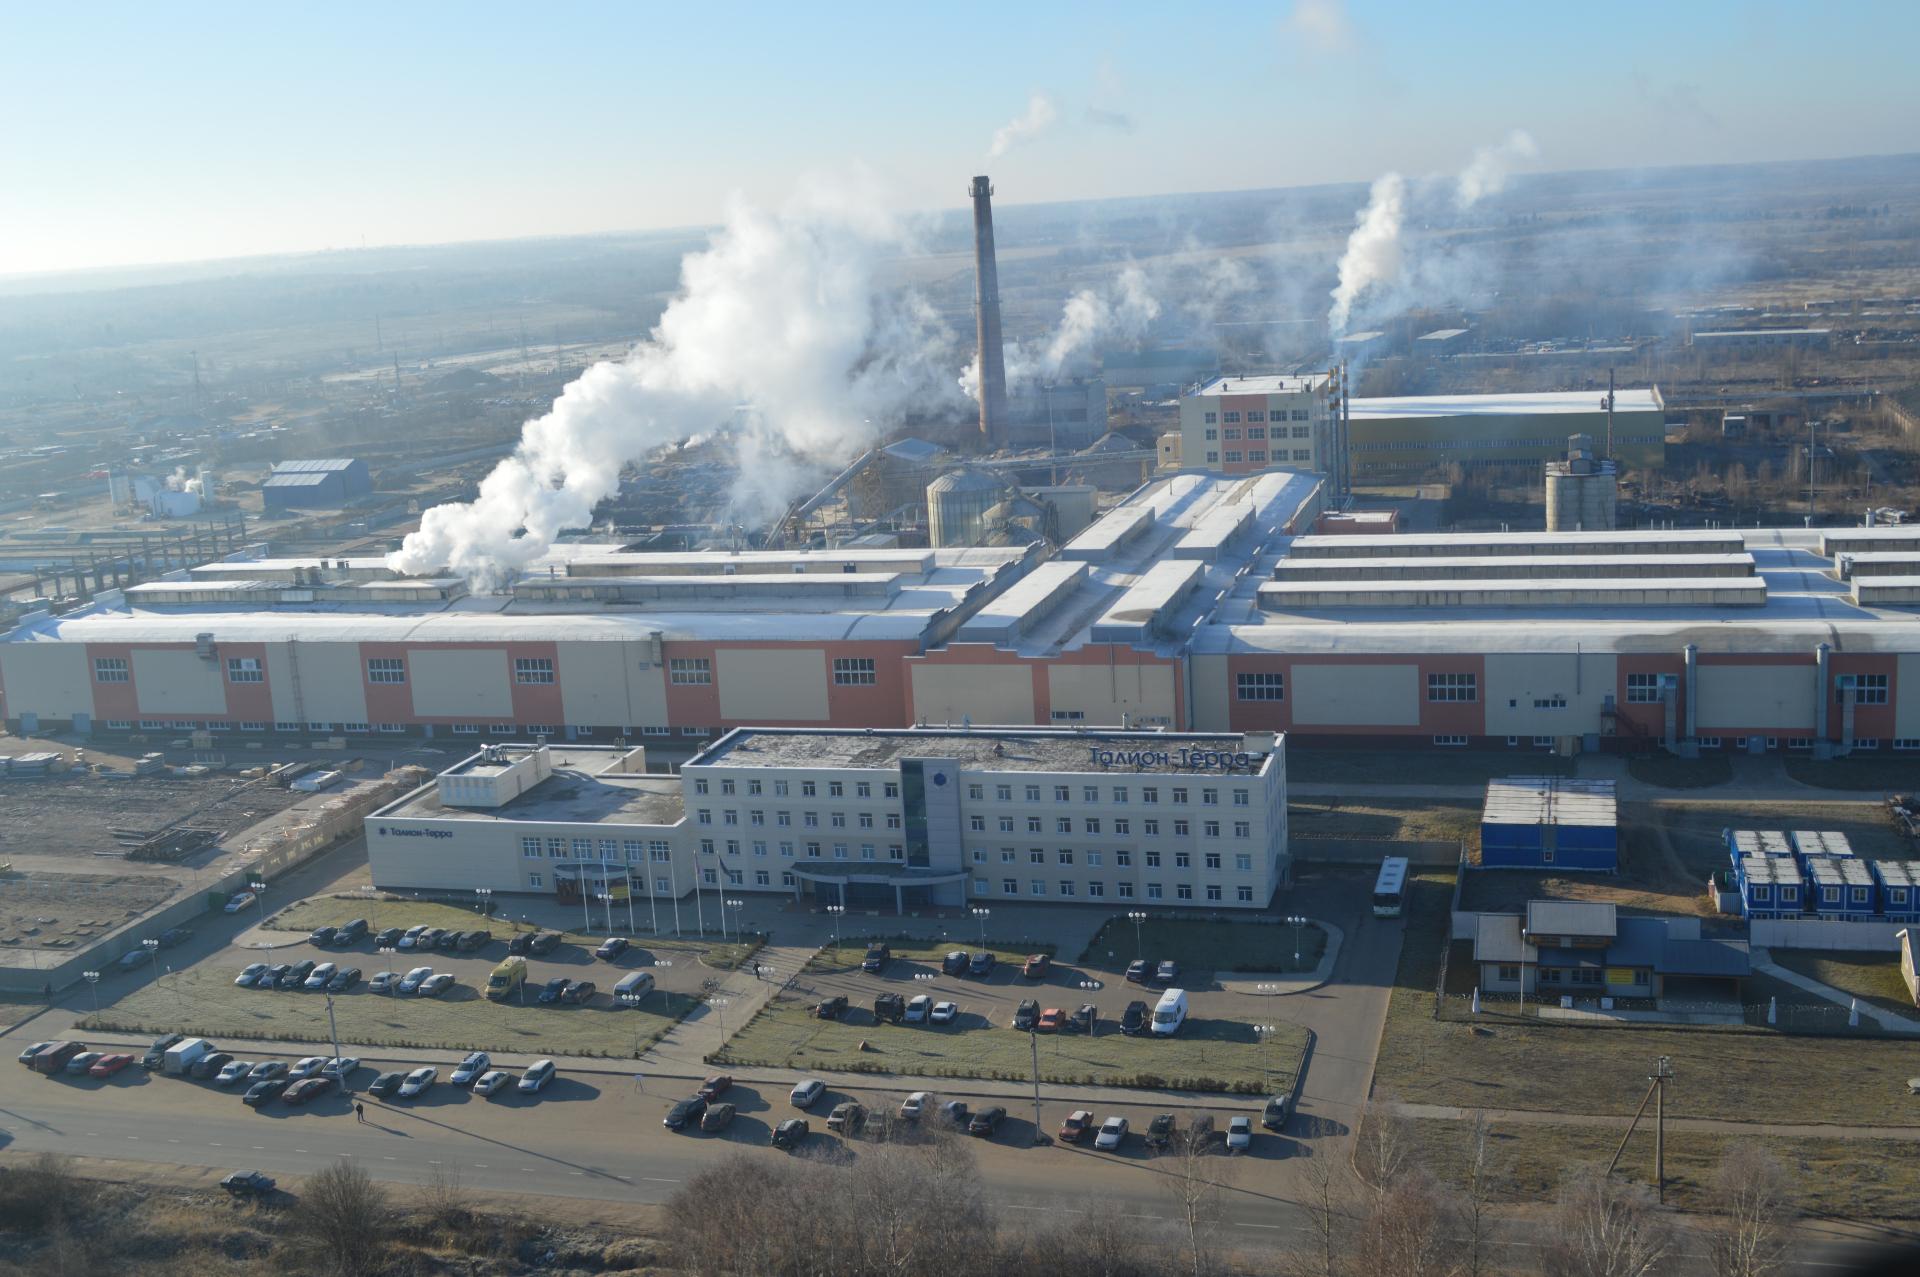 Завод «Талион Терра», производство LVL-бруса, домокомплектов и конструкций